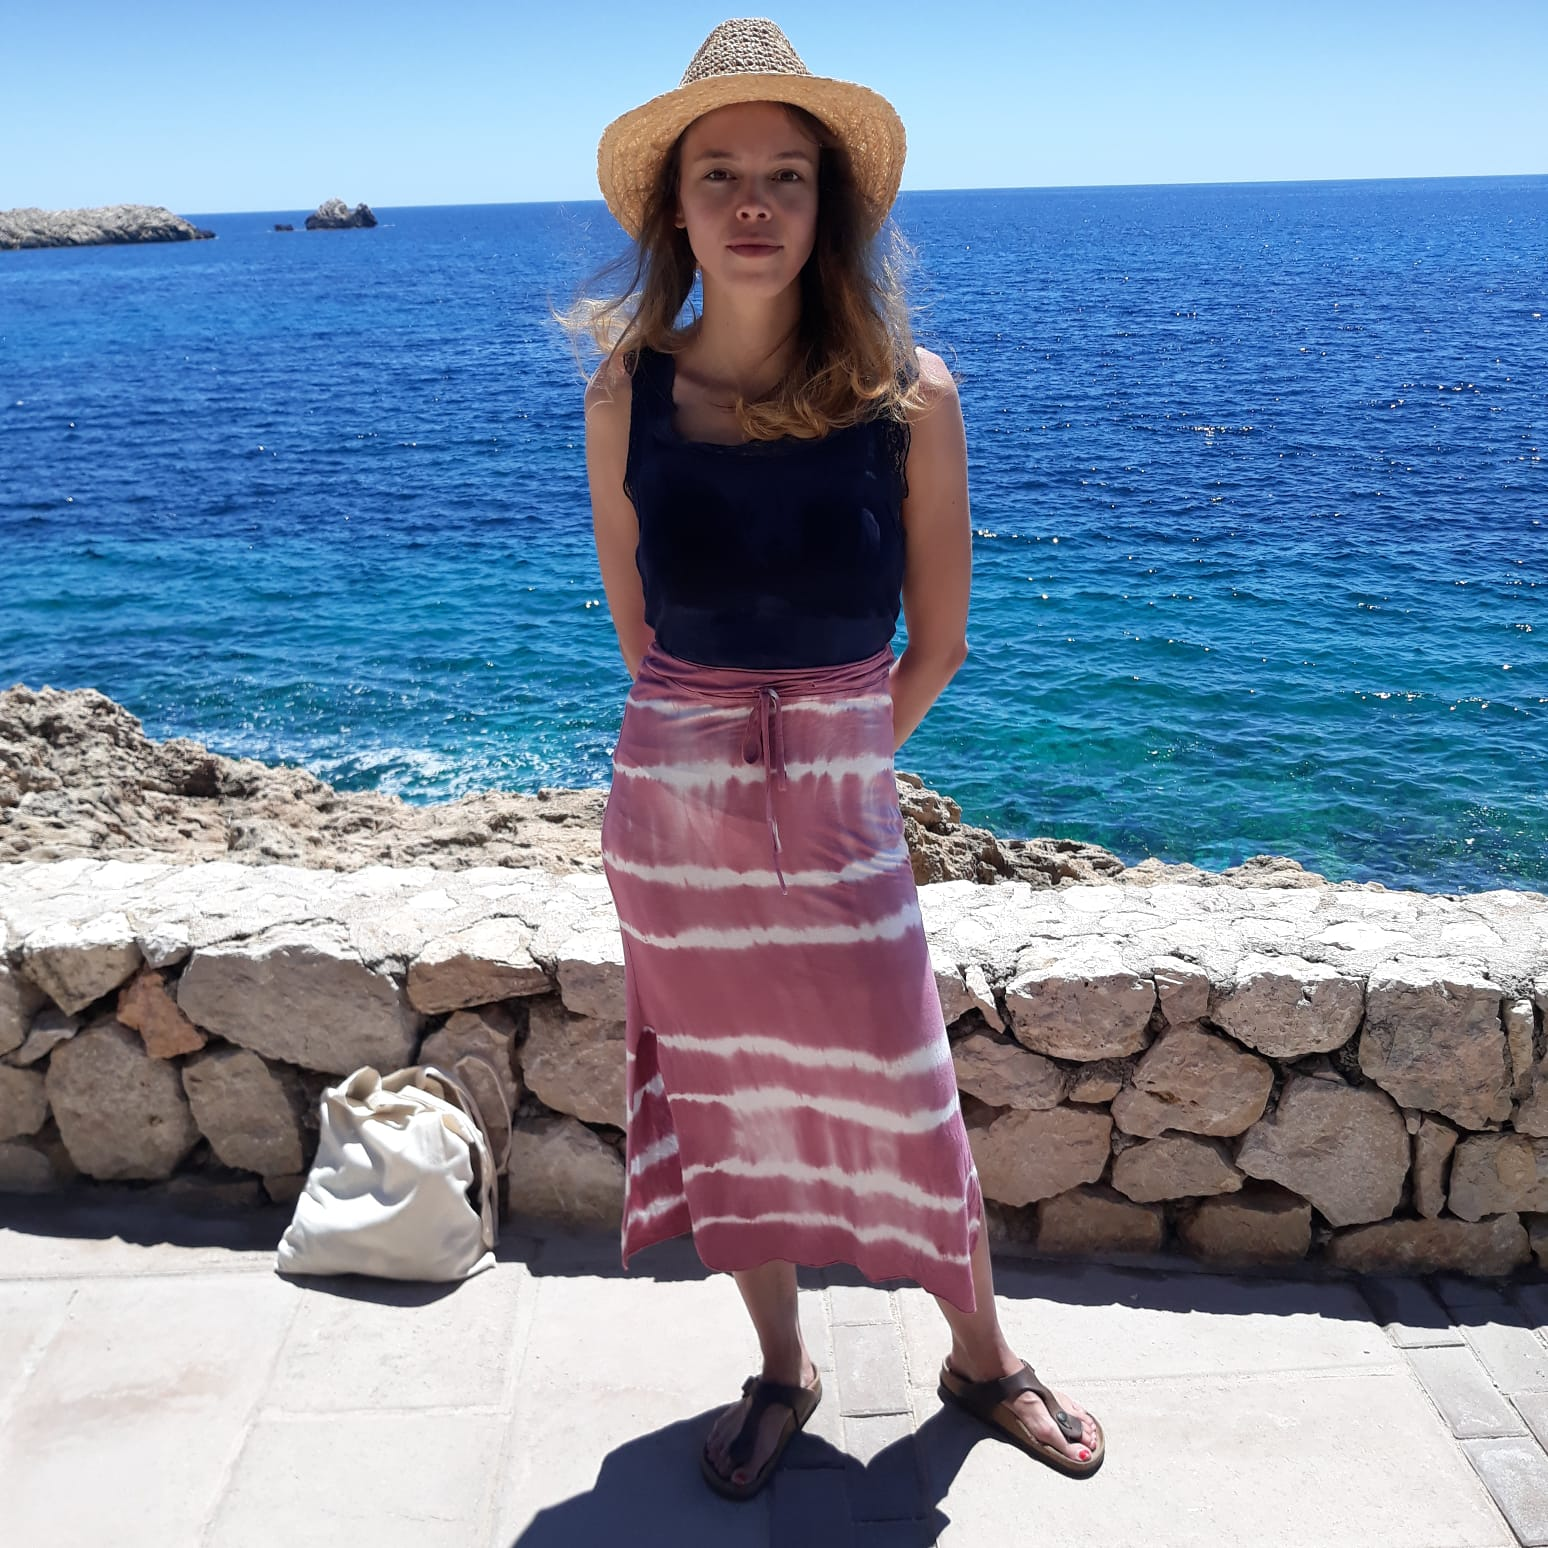 Julia Schmidt - Ich bin Julia, komme aus Freiburg und kann aus eigener Erfahrung sprechen, wie schwierig es ist, wirkungsvolle und natürliche therapeutische Alternativen zu finden. Deshalb setze ich auf dōTERRA und würde mich freuen dich bei deinen Anliegen zu unterstützen: heyjuli@gmx.dedoTERRA: 7632319